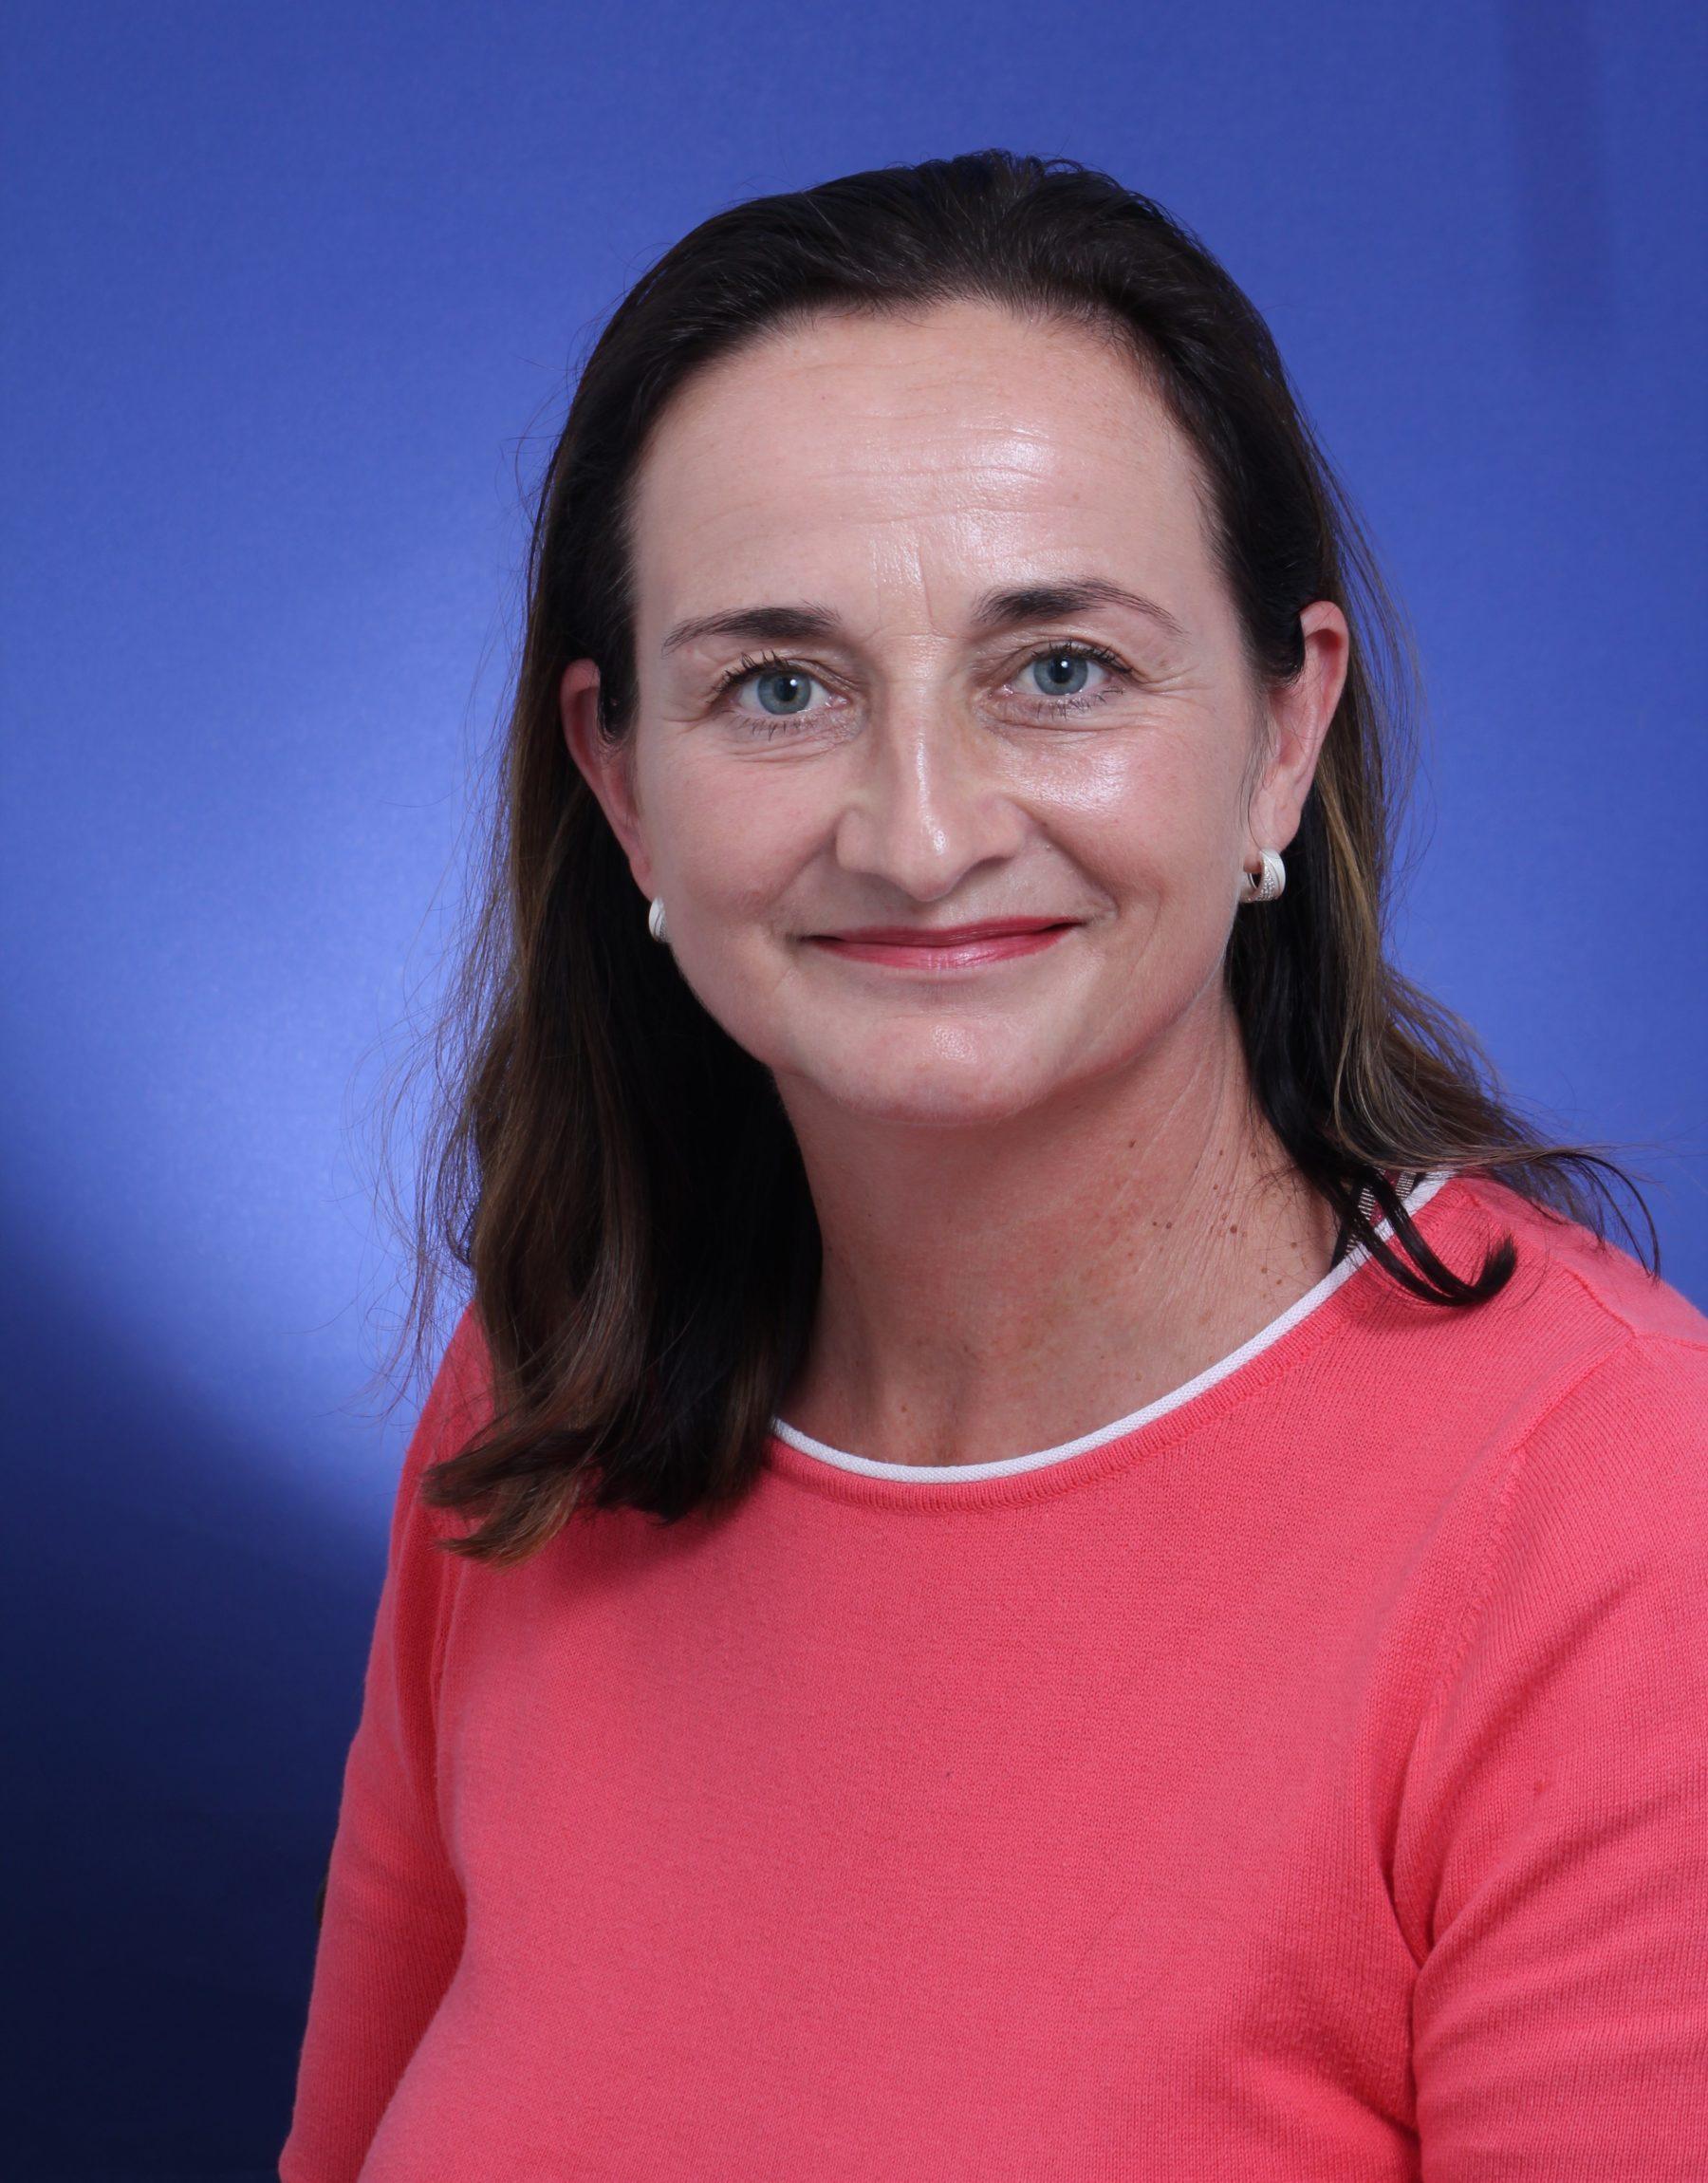 Ingrid Katz-hofelich